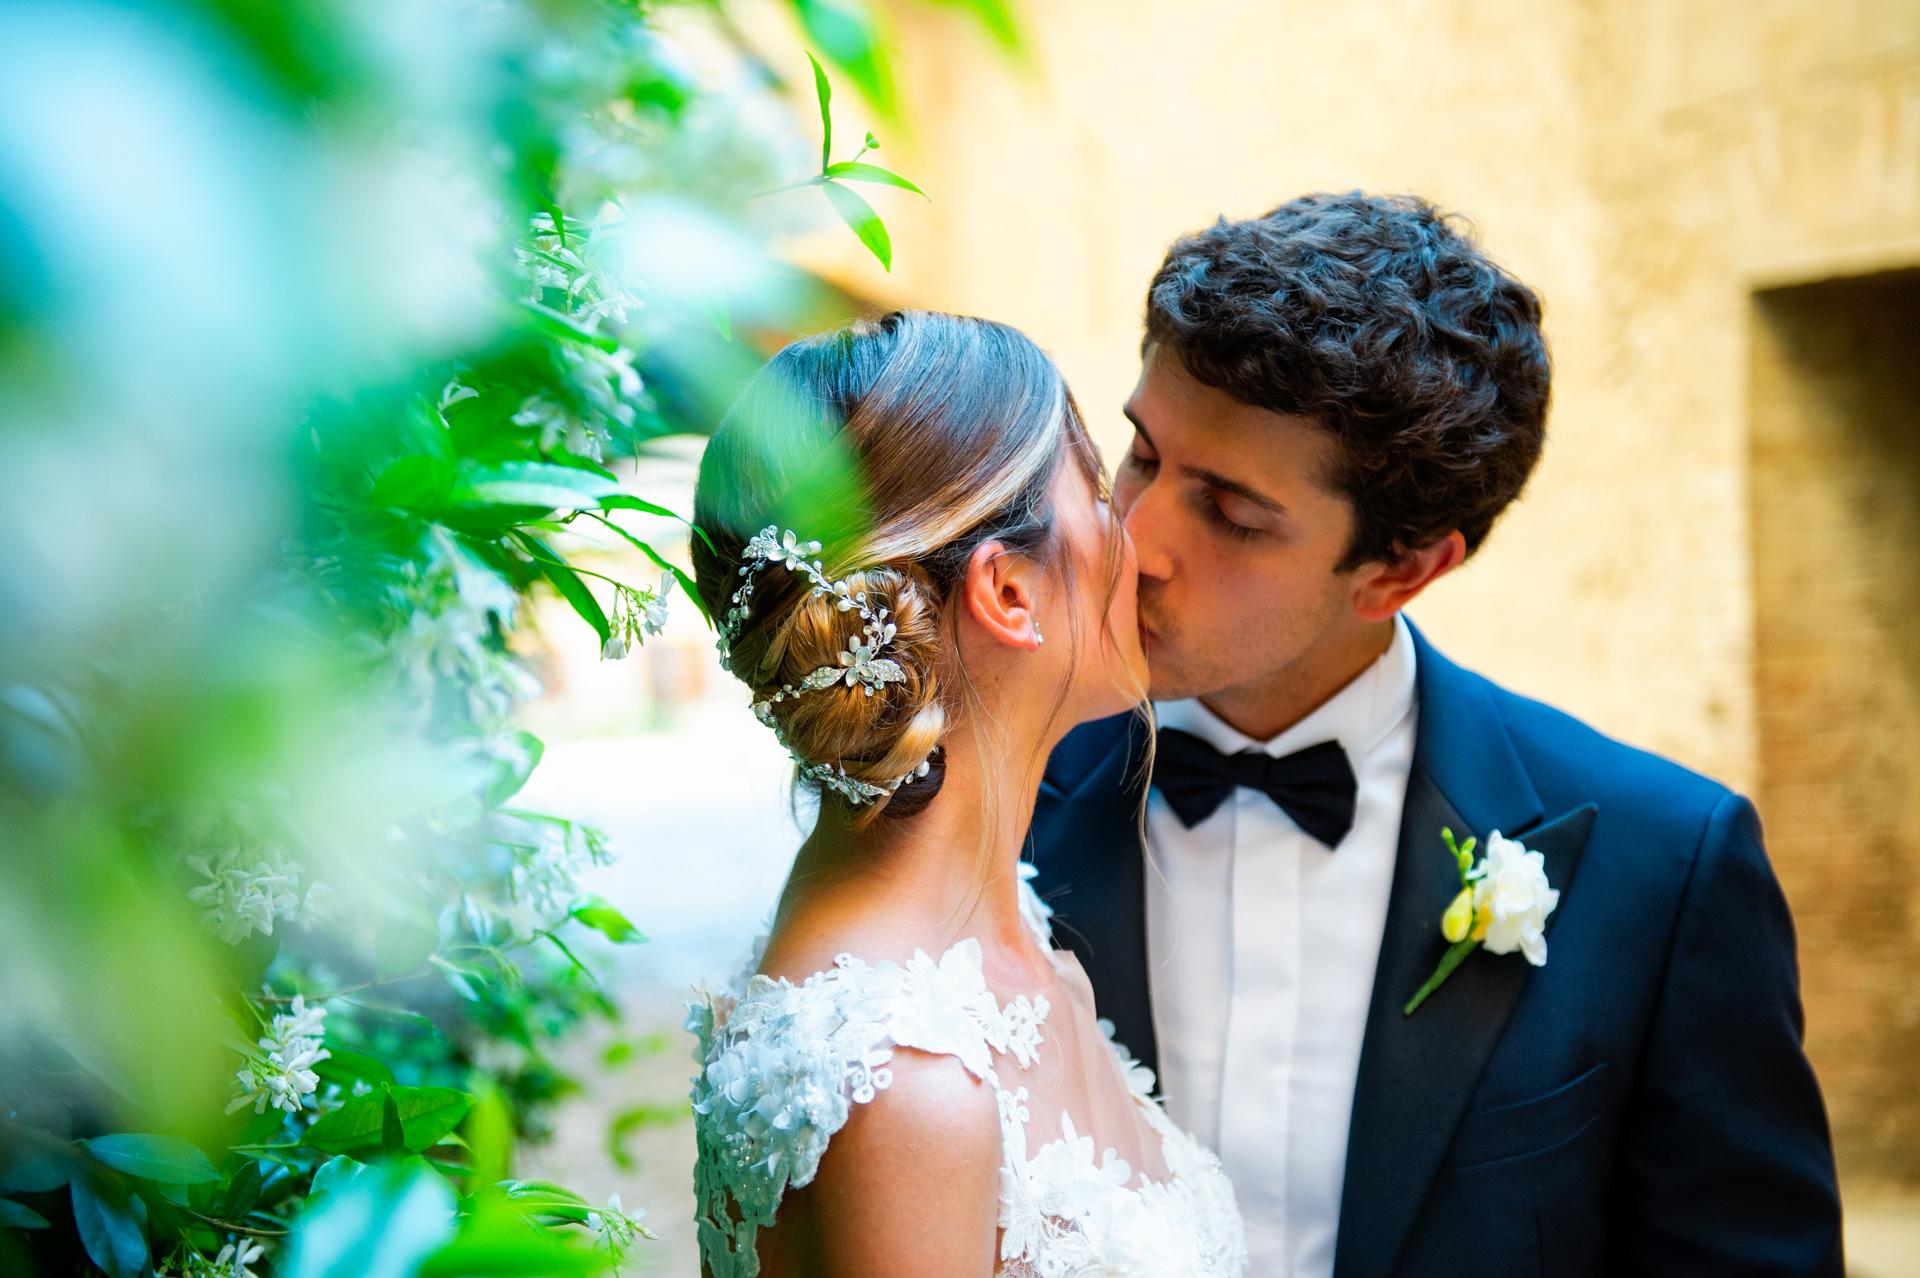 fotografo-matrimonio-parma-17.JPG